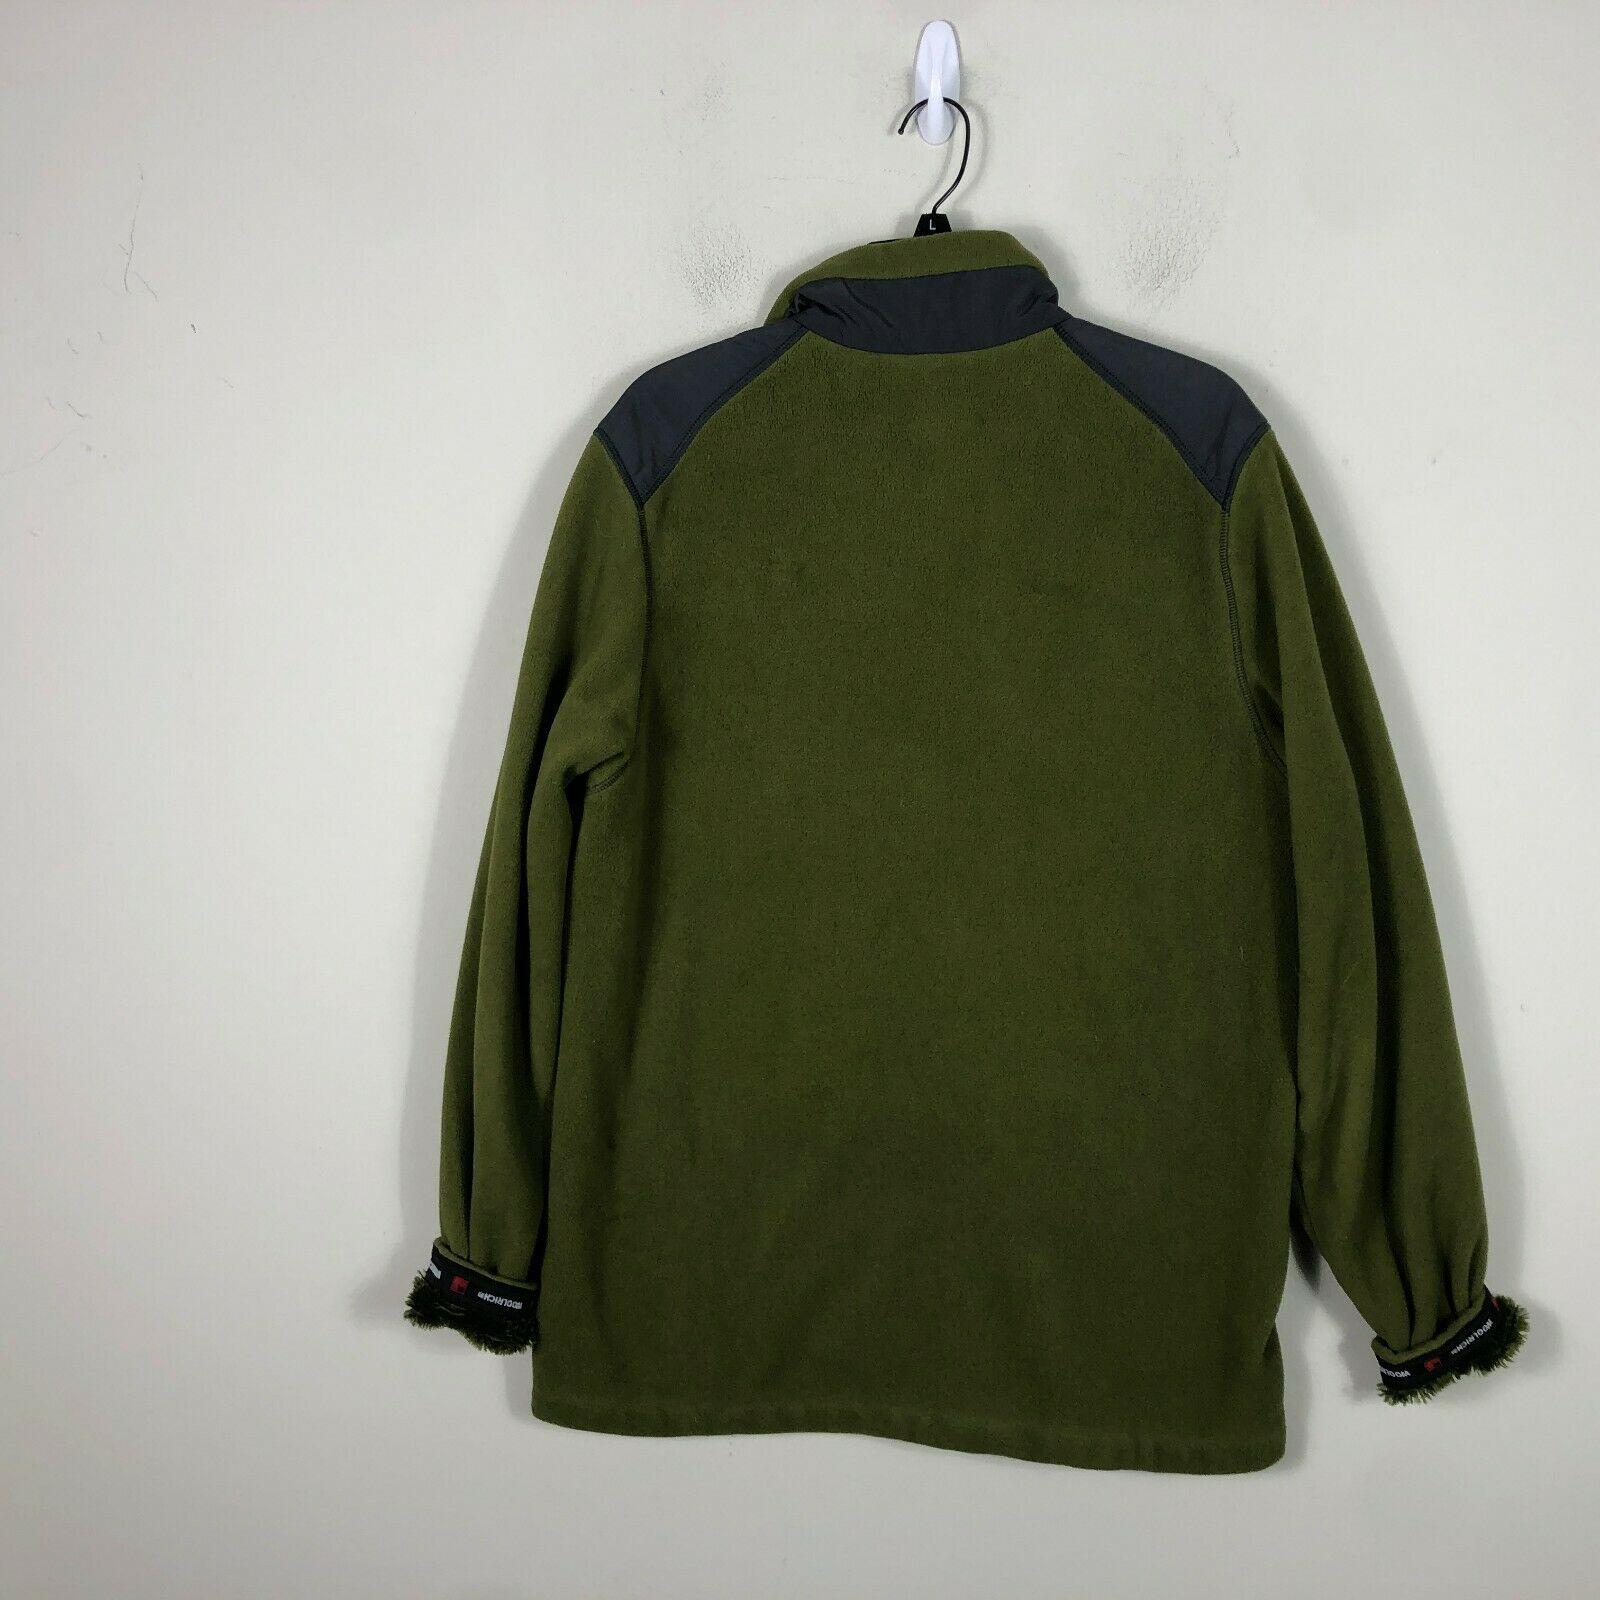 WoolRich Pile Fleece Jacket 1/2 Zip Men's M Green Long Sleeve Faux Fur Lined image 9